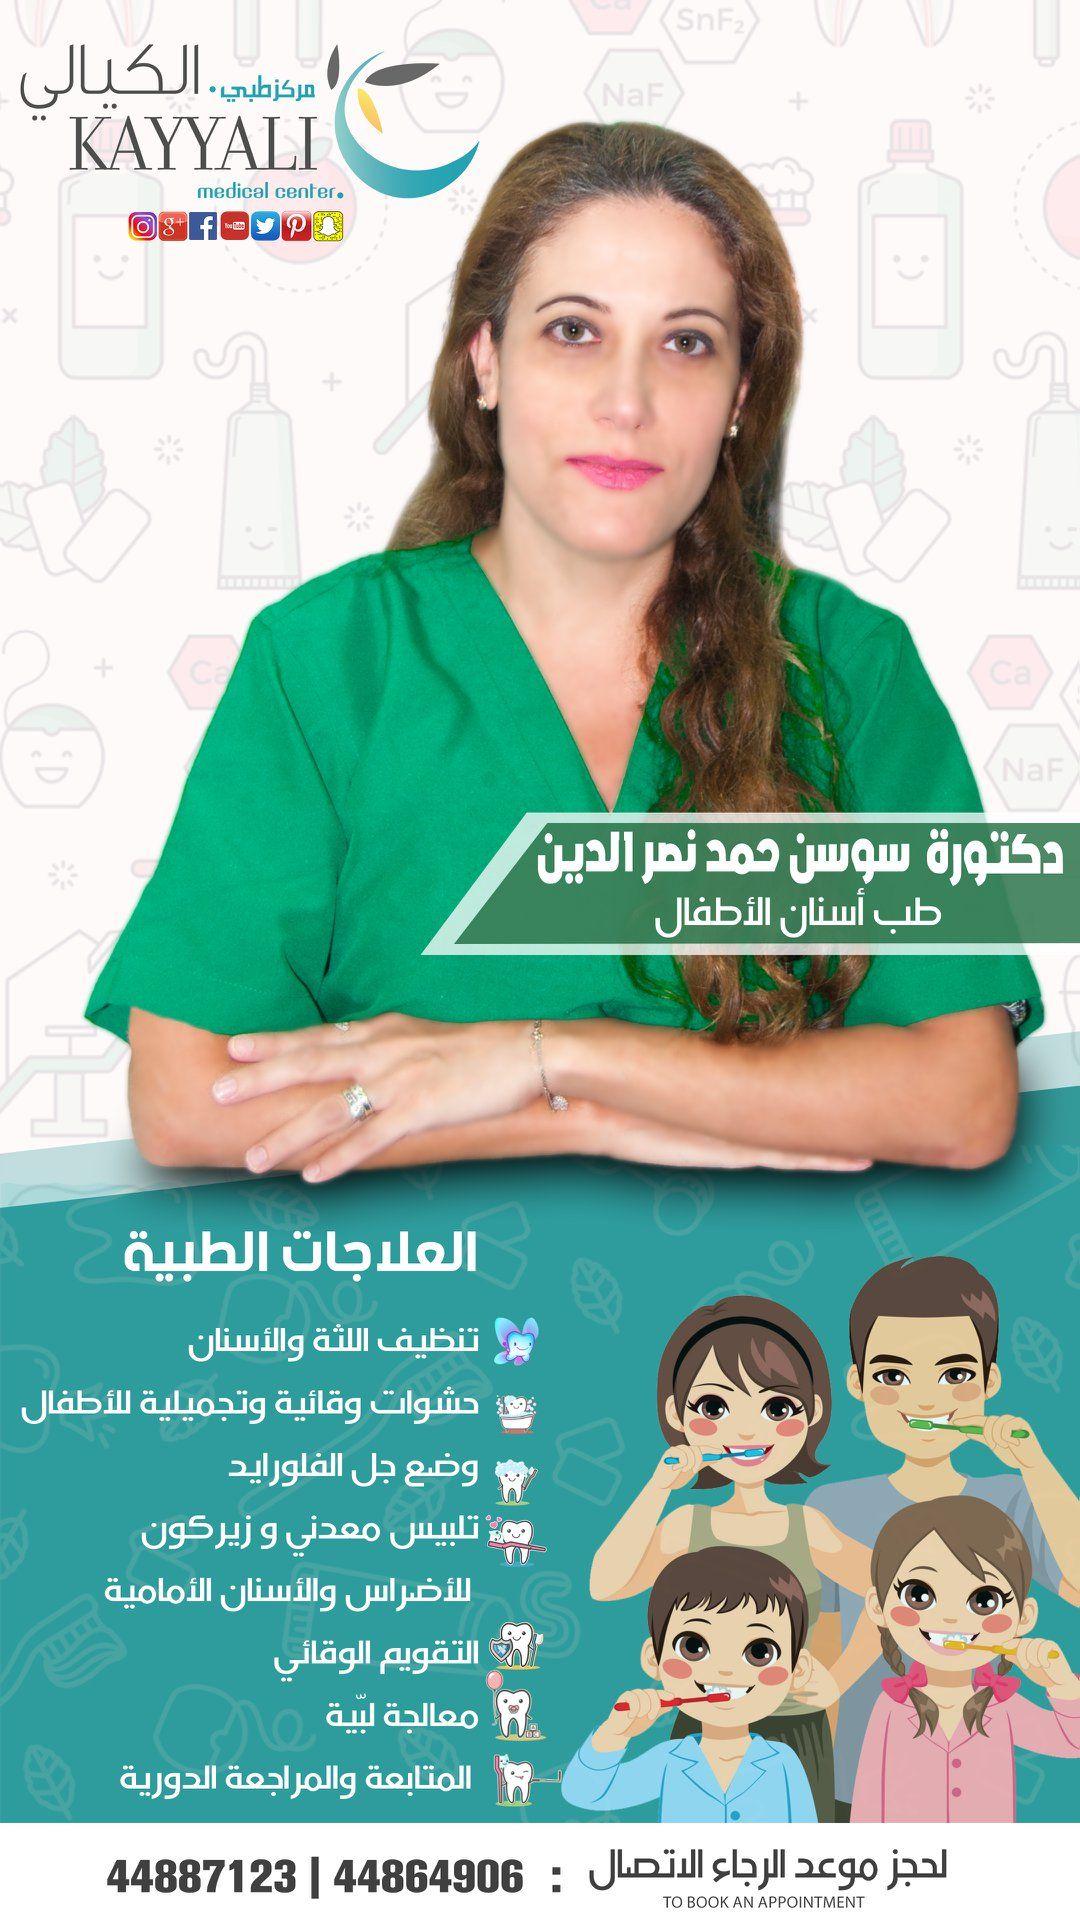 نرحب بإنضمام الدكتورة سوسن حمد نصر الدين اخصائية طب أسنان أطفال إلى الفريق الطبي لمركز الكيالي Medical Medical Center Dermatologist